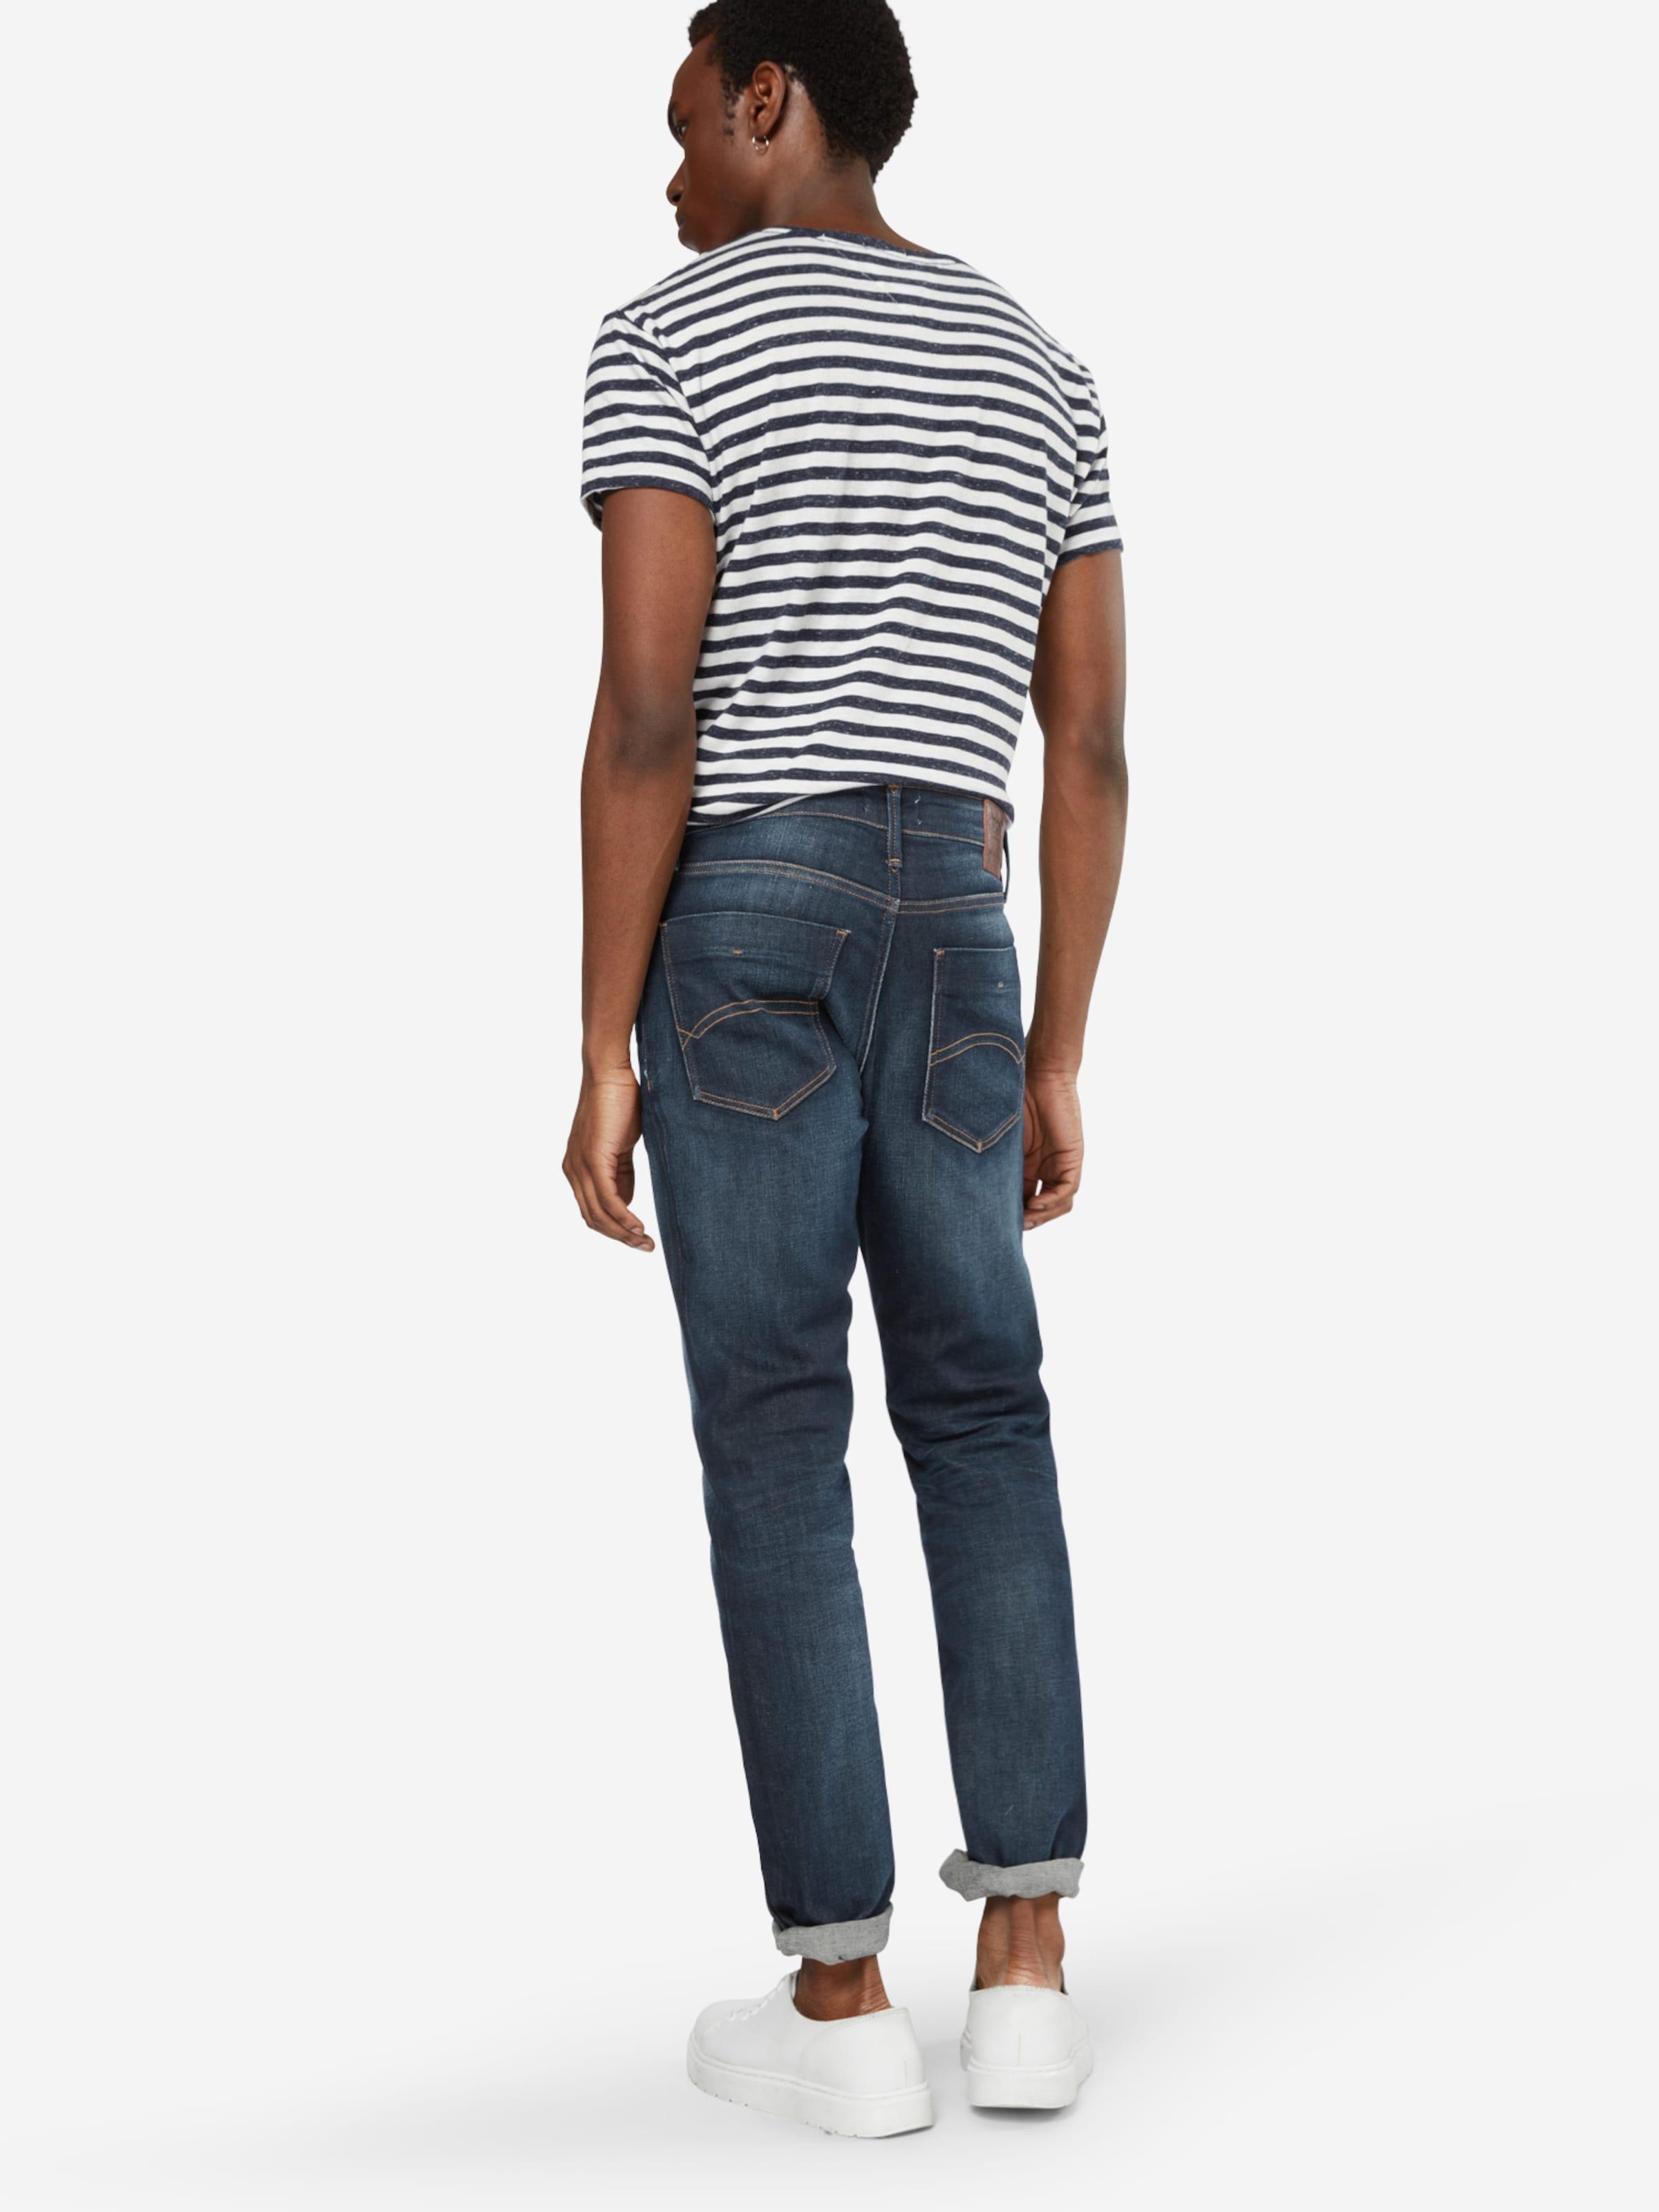 Tommy Jeans Jeans 'Slim Scanton DACO' Neue Ankunft Art Und Weise K1Crb9ZE